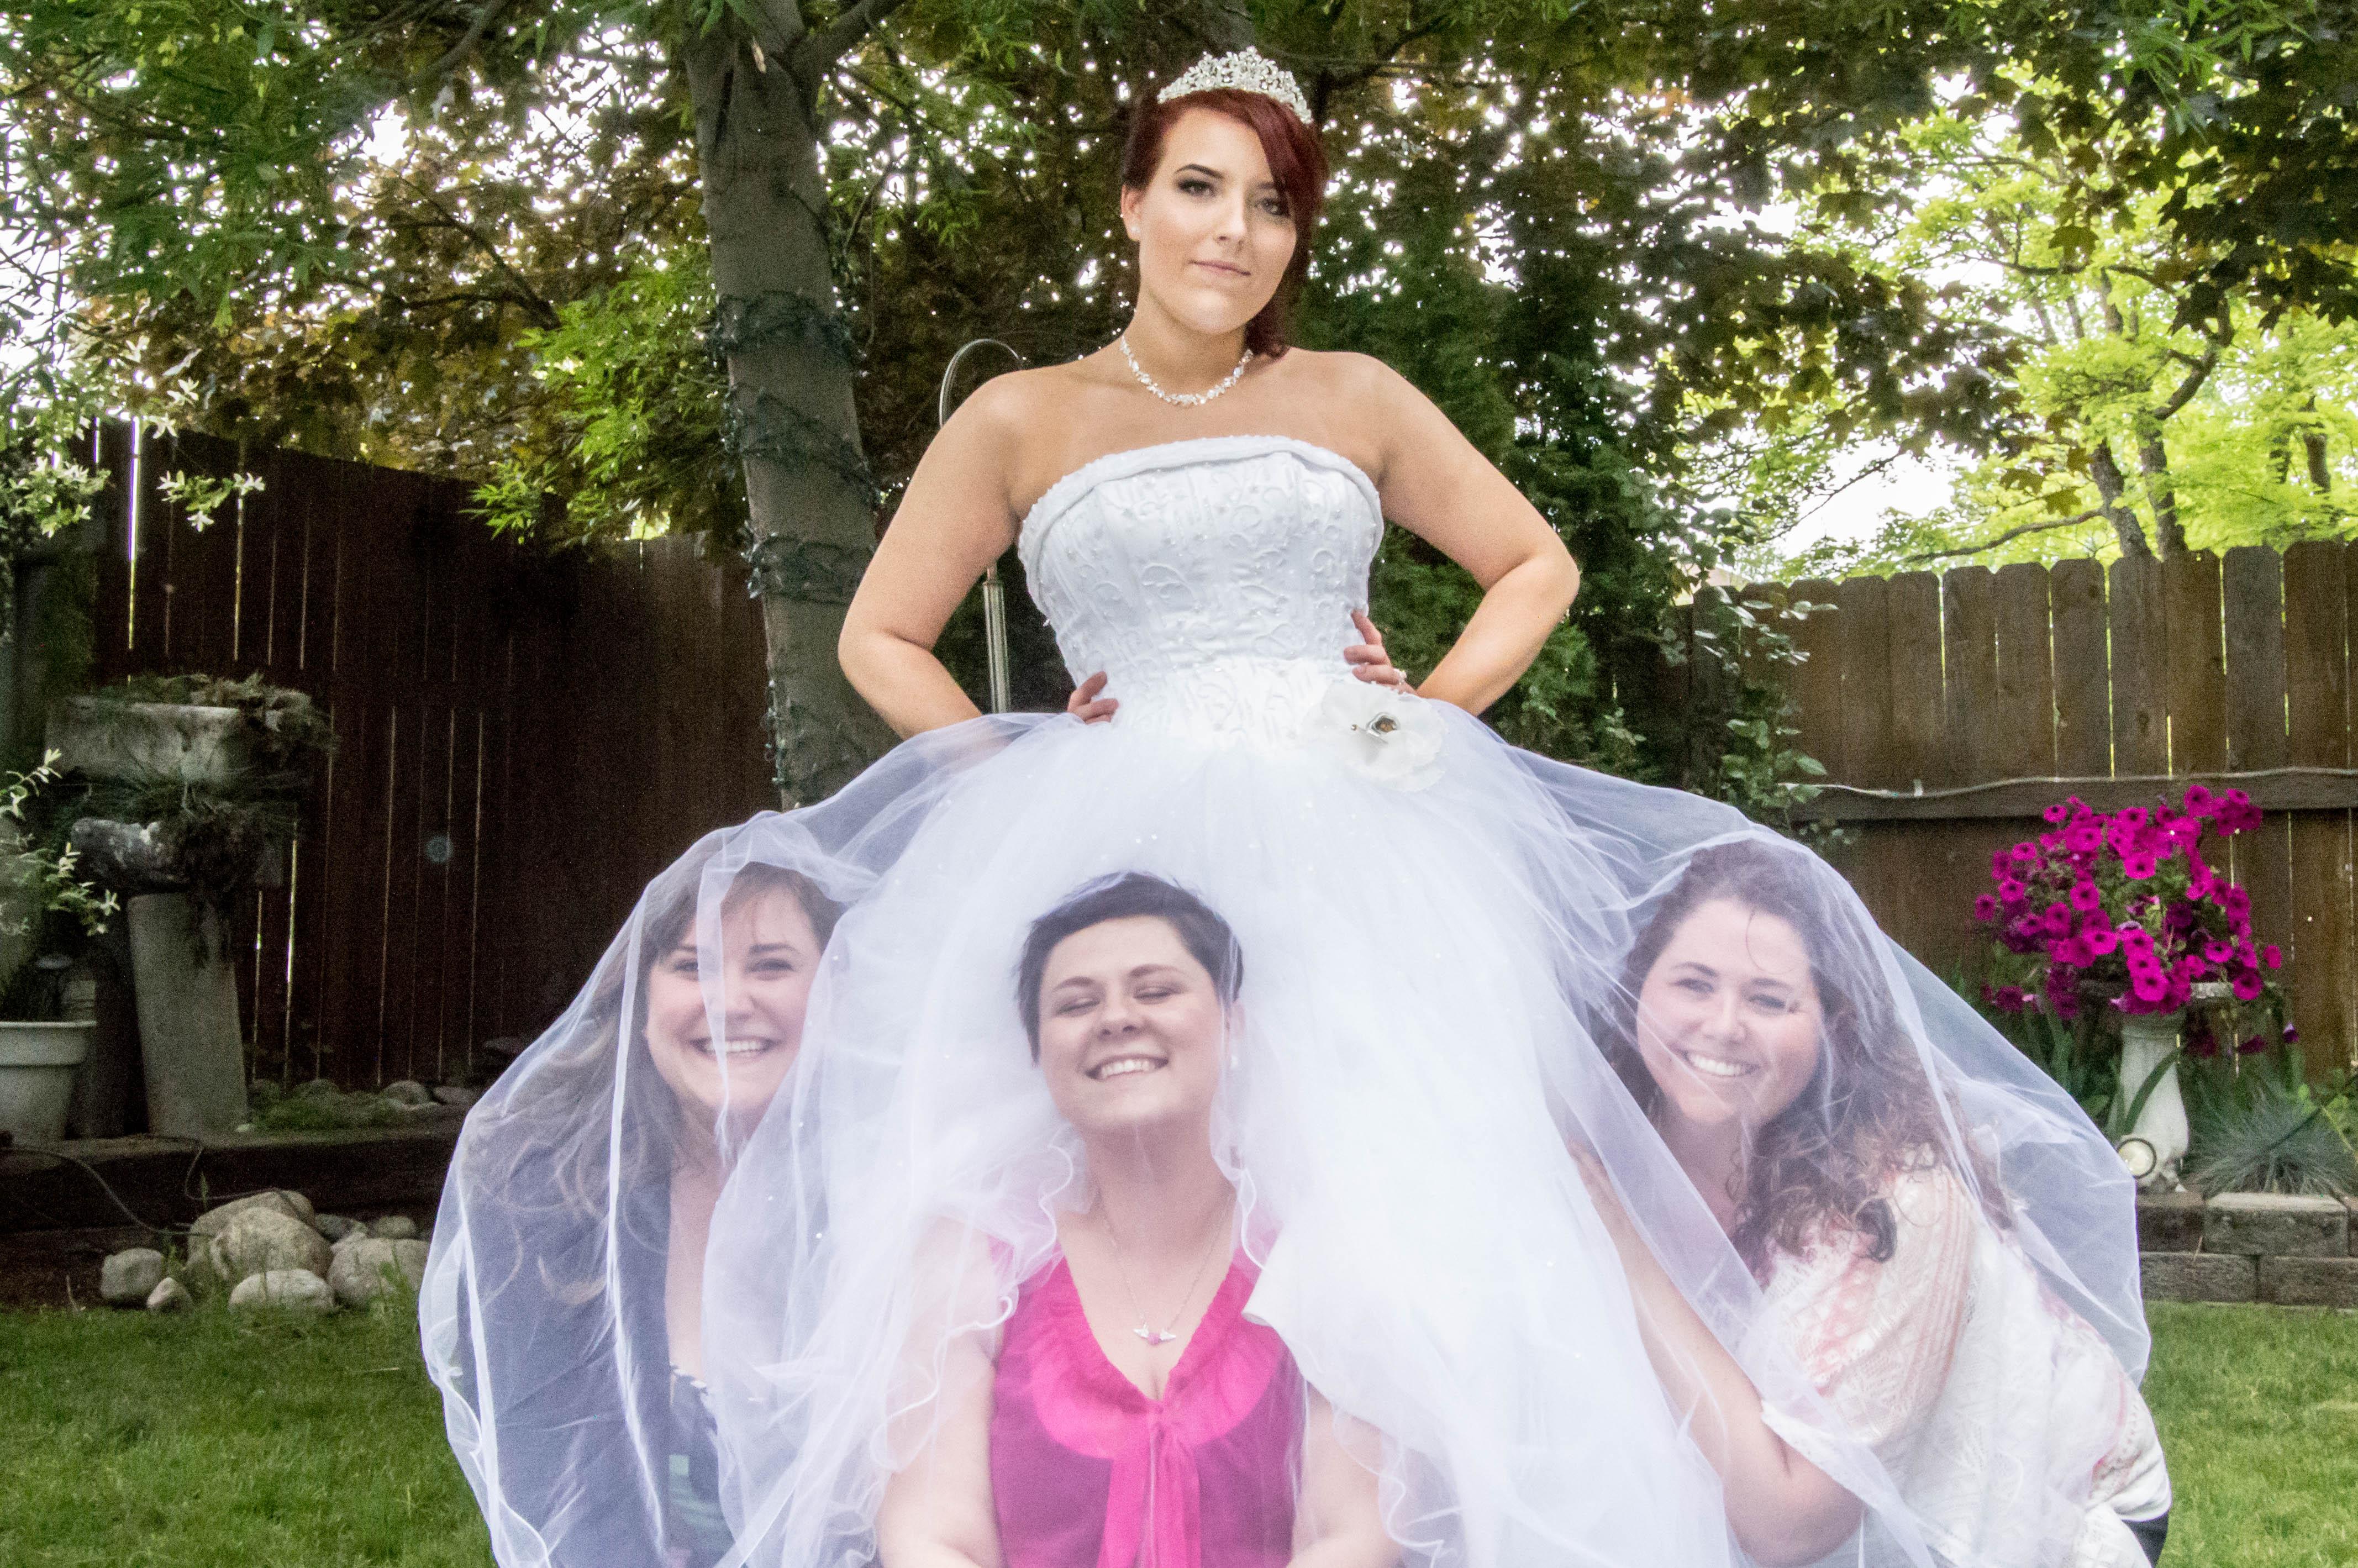 Hail wed fun1